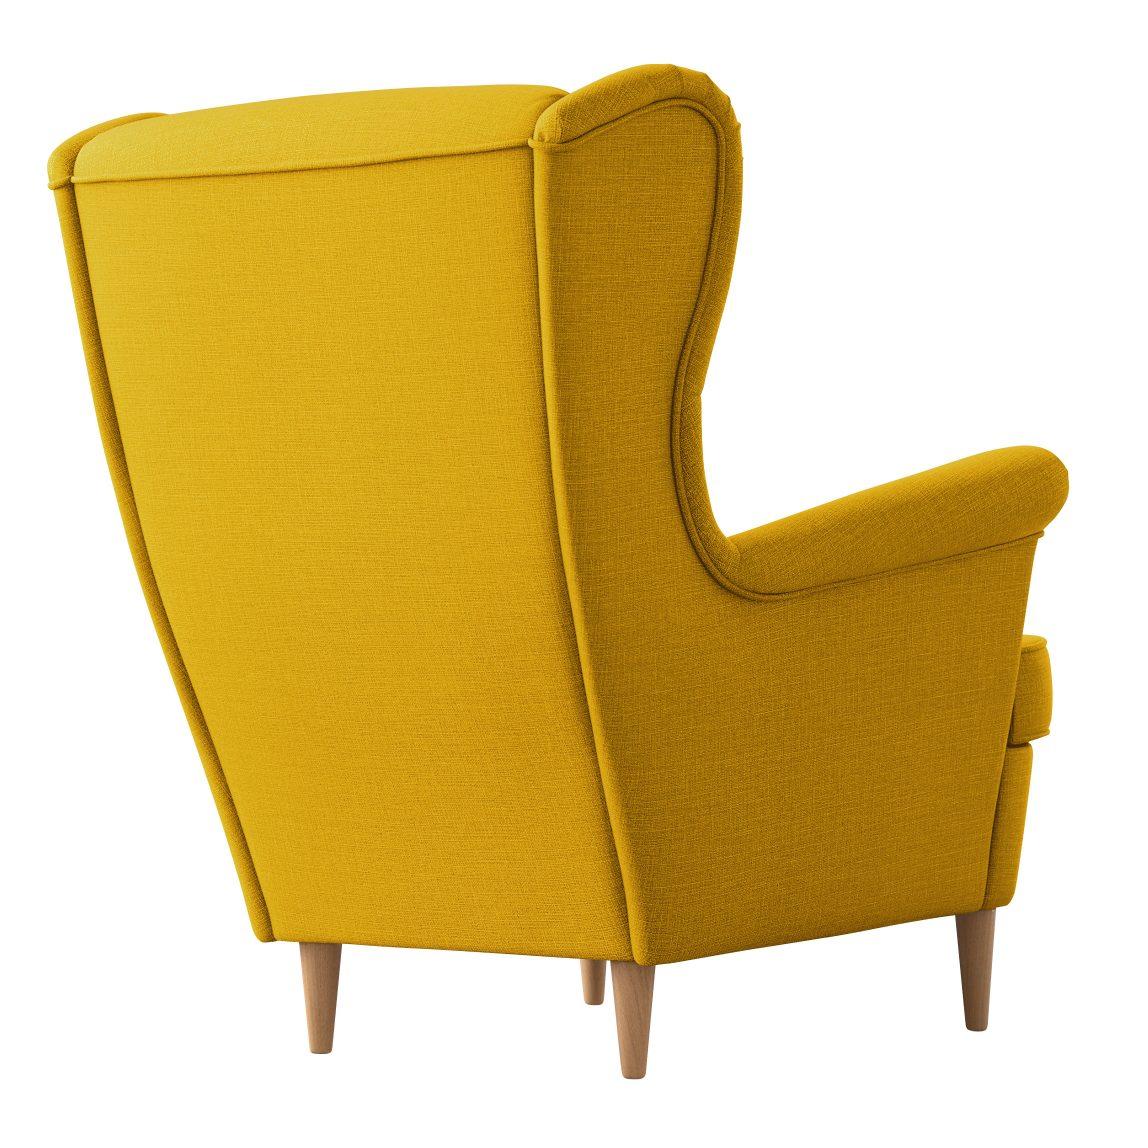 Желтое кресло с высокой спинкой 303.004.36 шифтебу